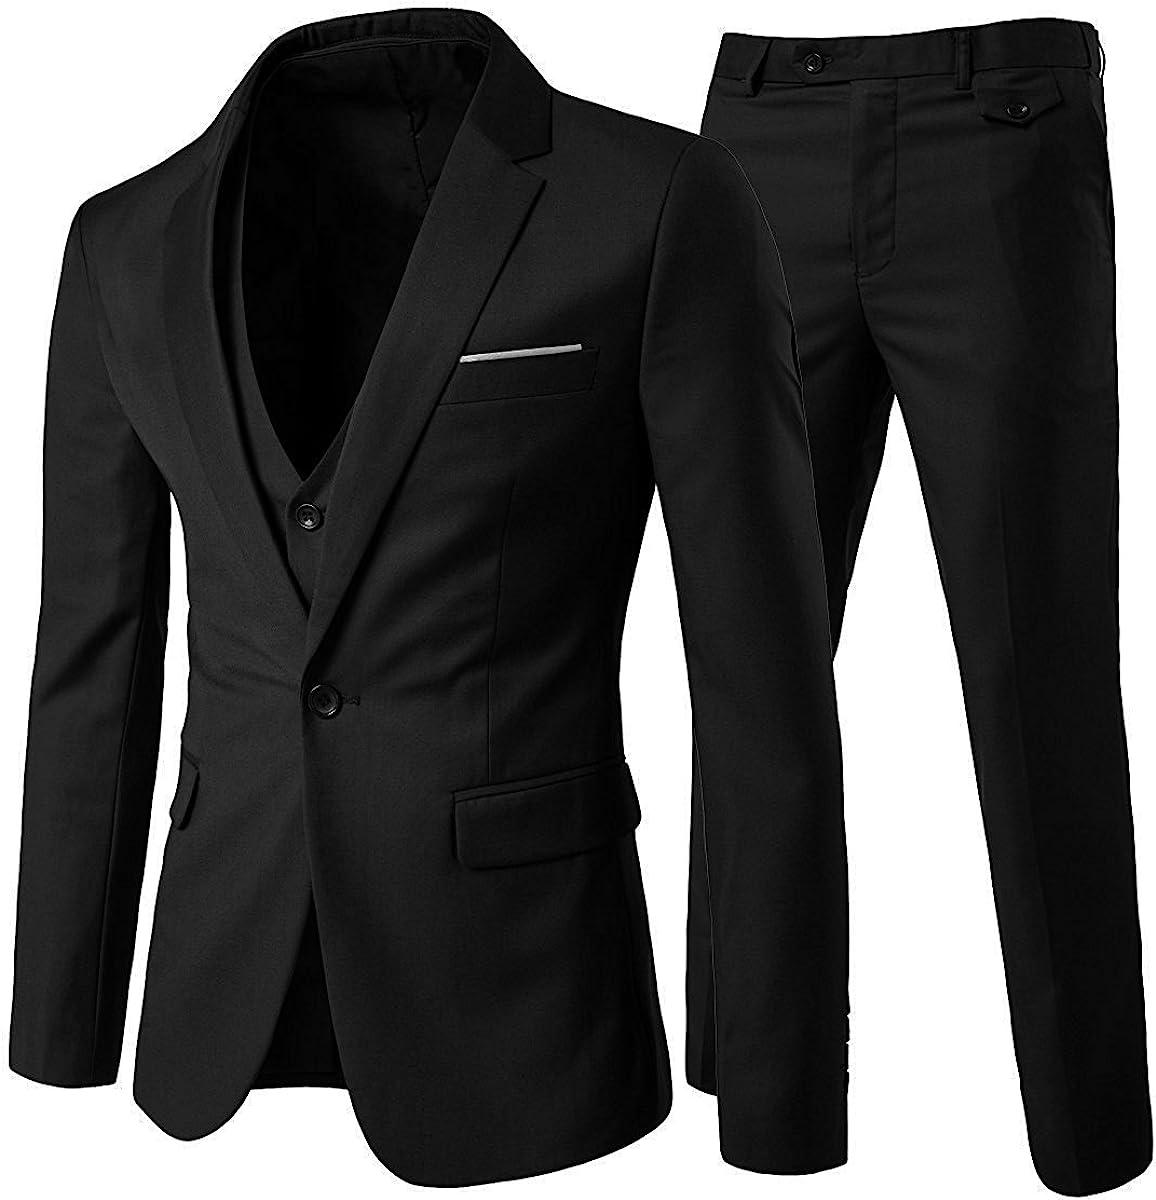 Traje de 3 Piezas de Hombre Slim Fit Trajes de Boda de Negocios para Hombres Blazer Chalecos y Pantalones